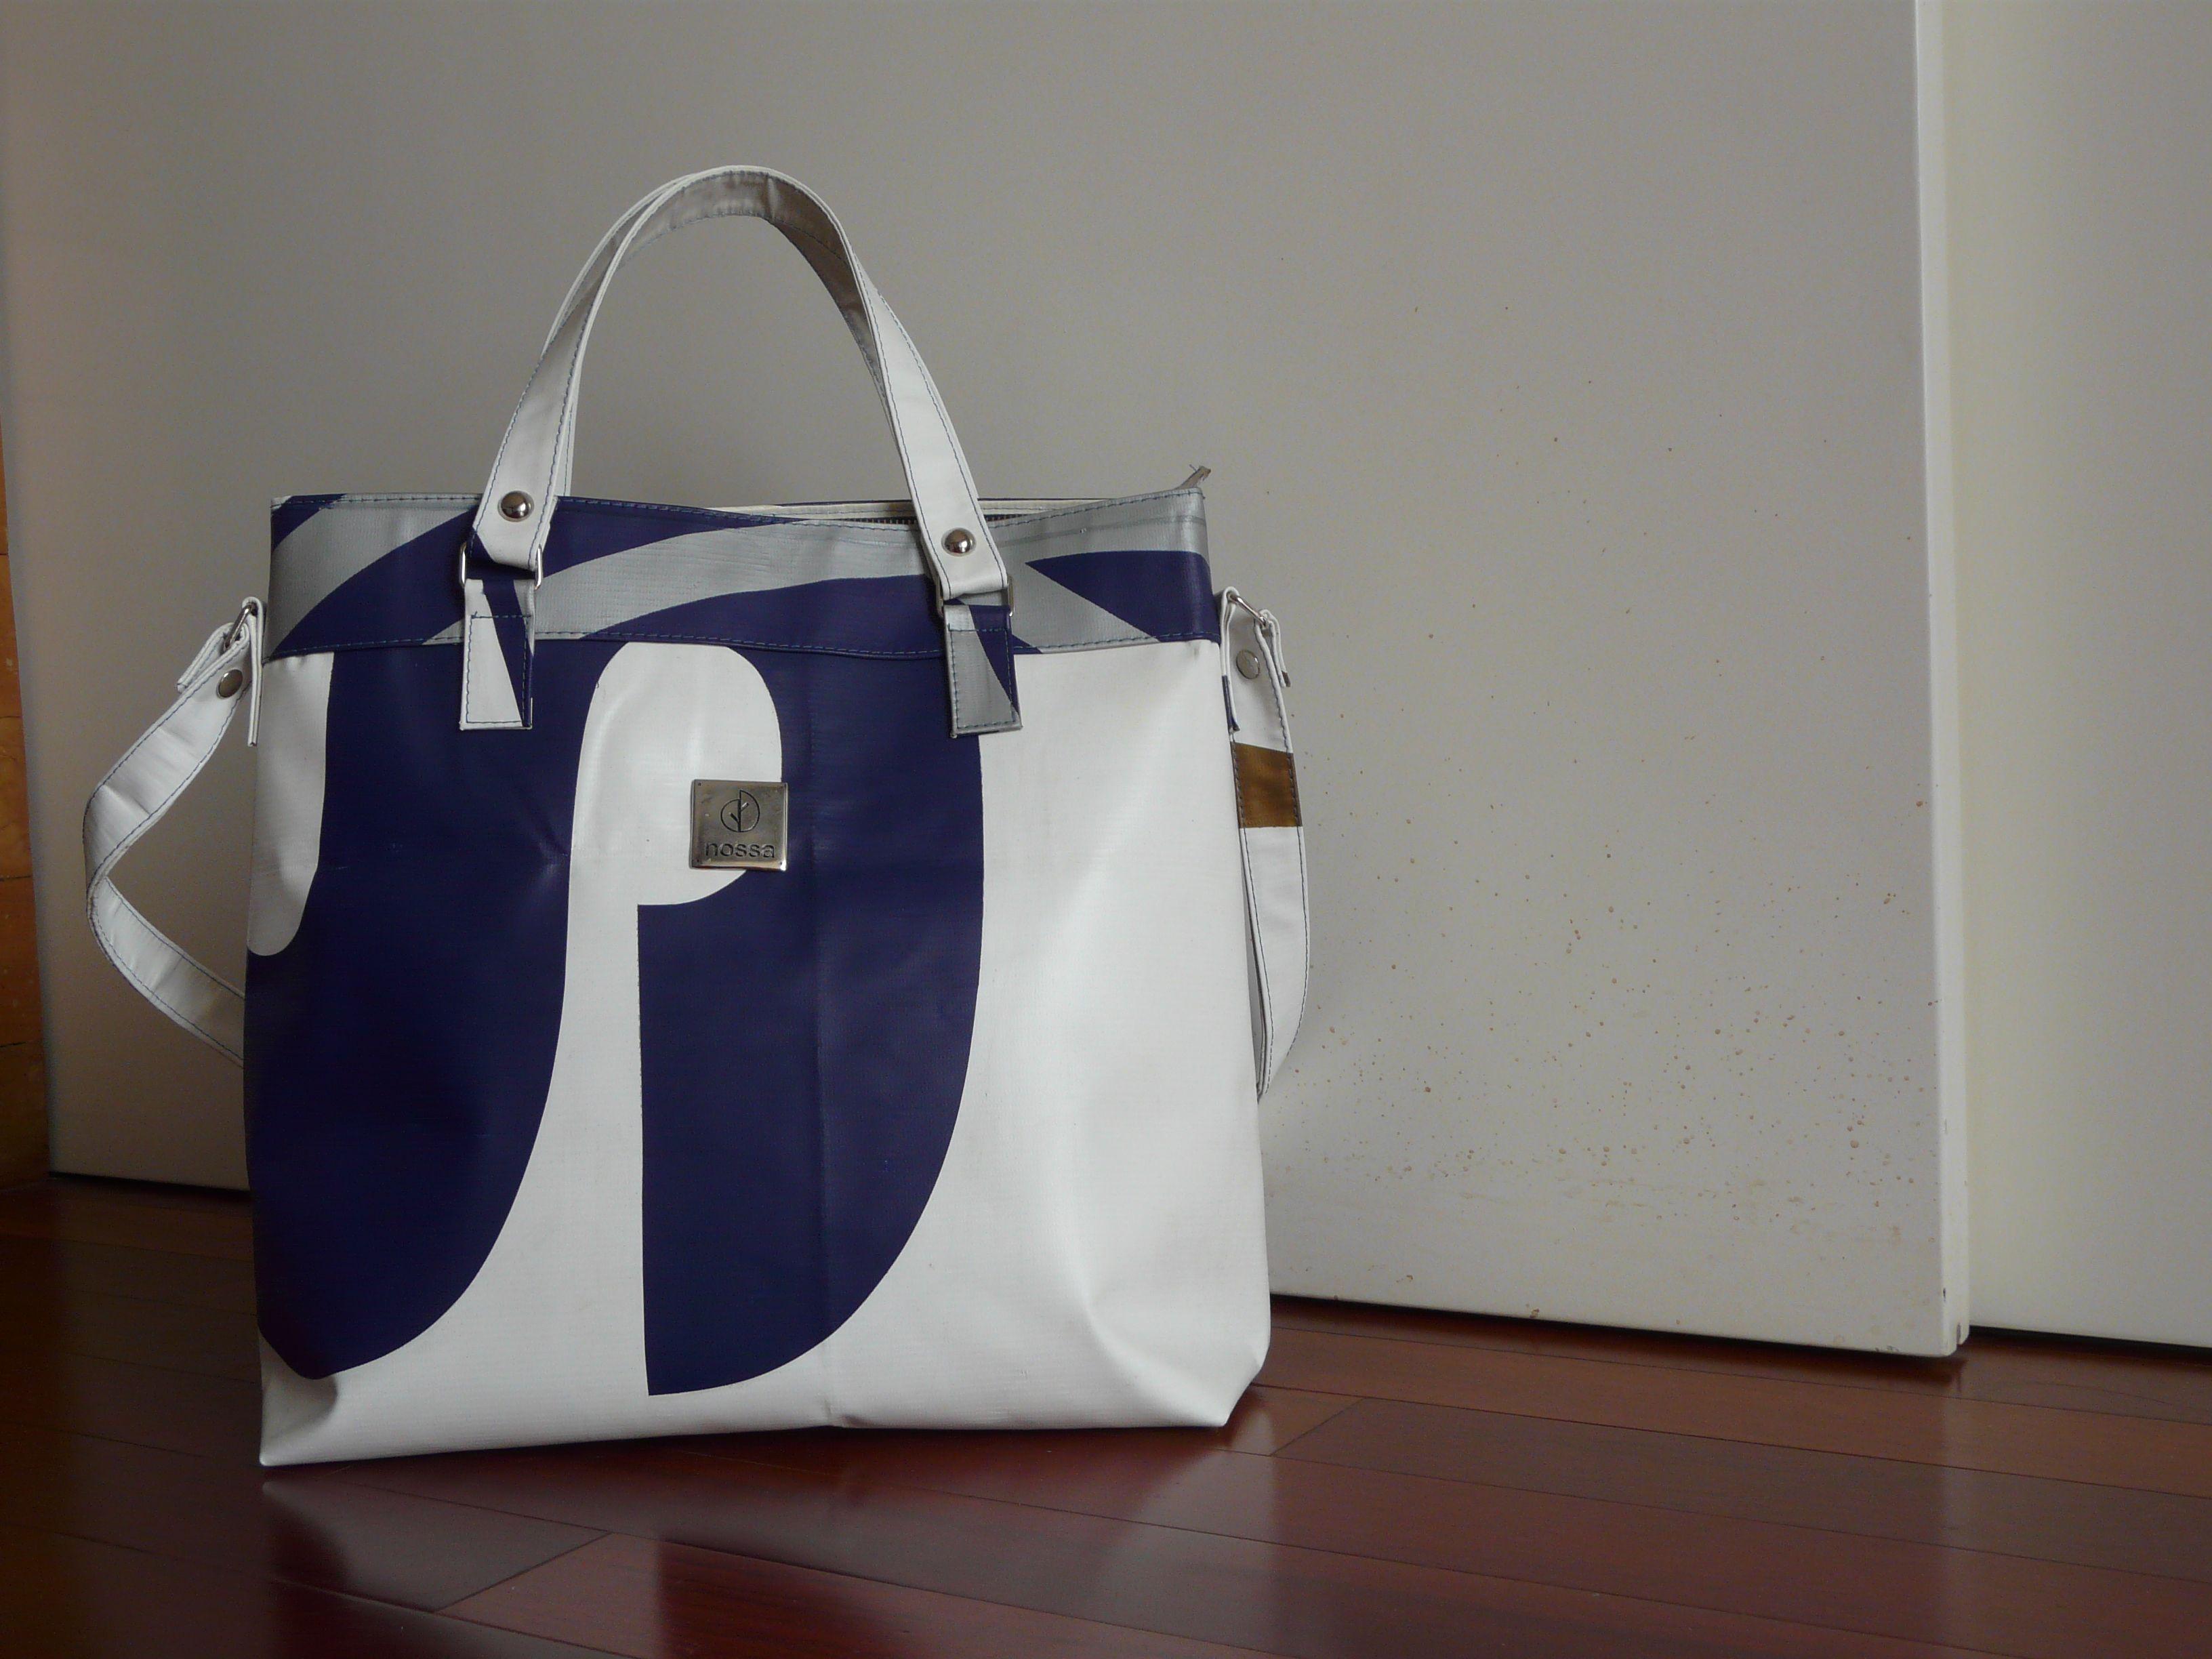 Nossa - HKbag Proximamente at: www.welovebags.com.br